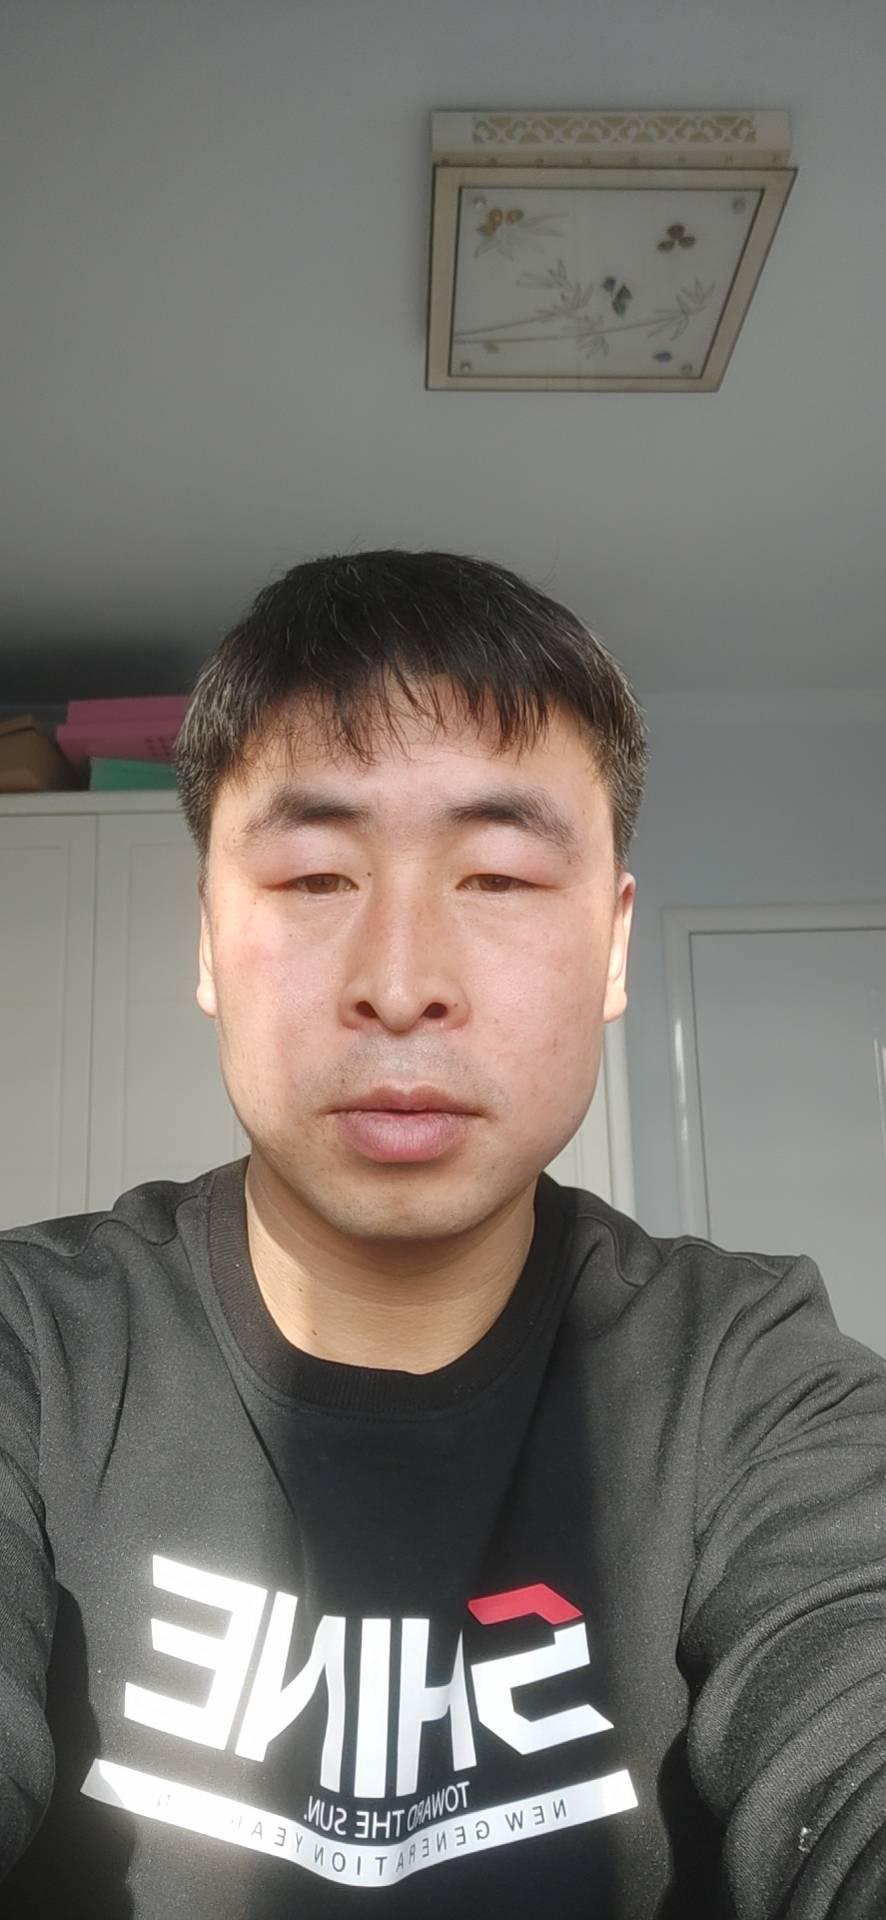 dafei大飛的照片